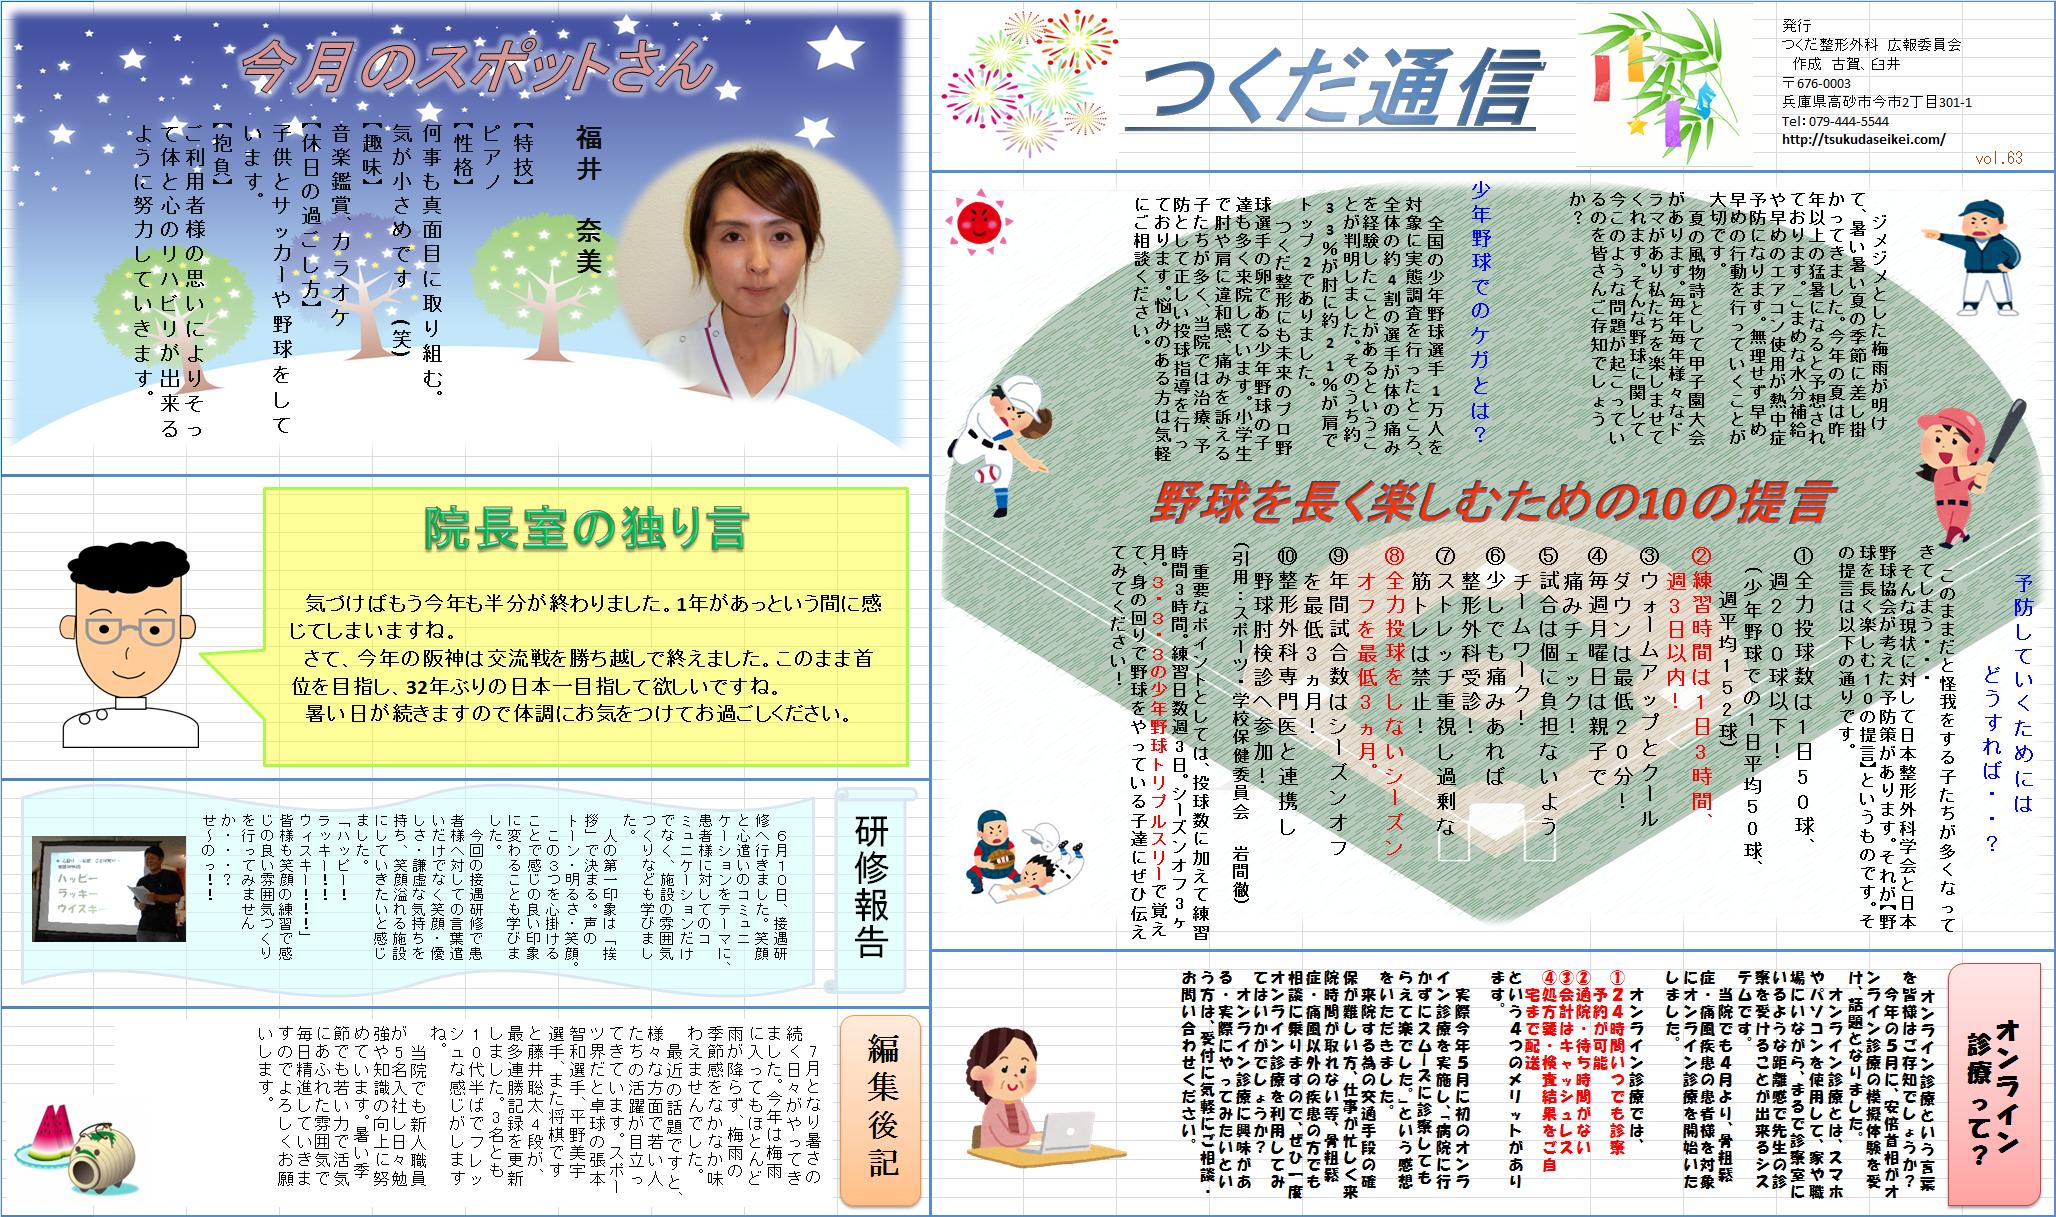 http://www.tsukudaseikei.com/news/%E3%81%A4%E3%81%8F%E3%81%A0%E9%80%9A%E4%BF%A1%E3%80%8063%E5%8F%B7.png